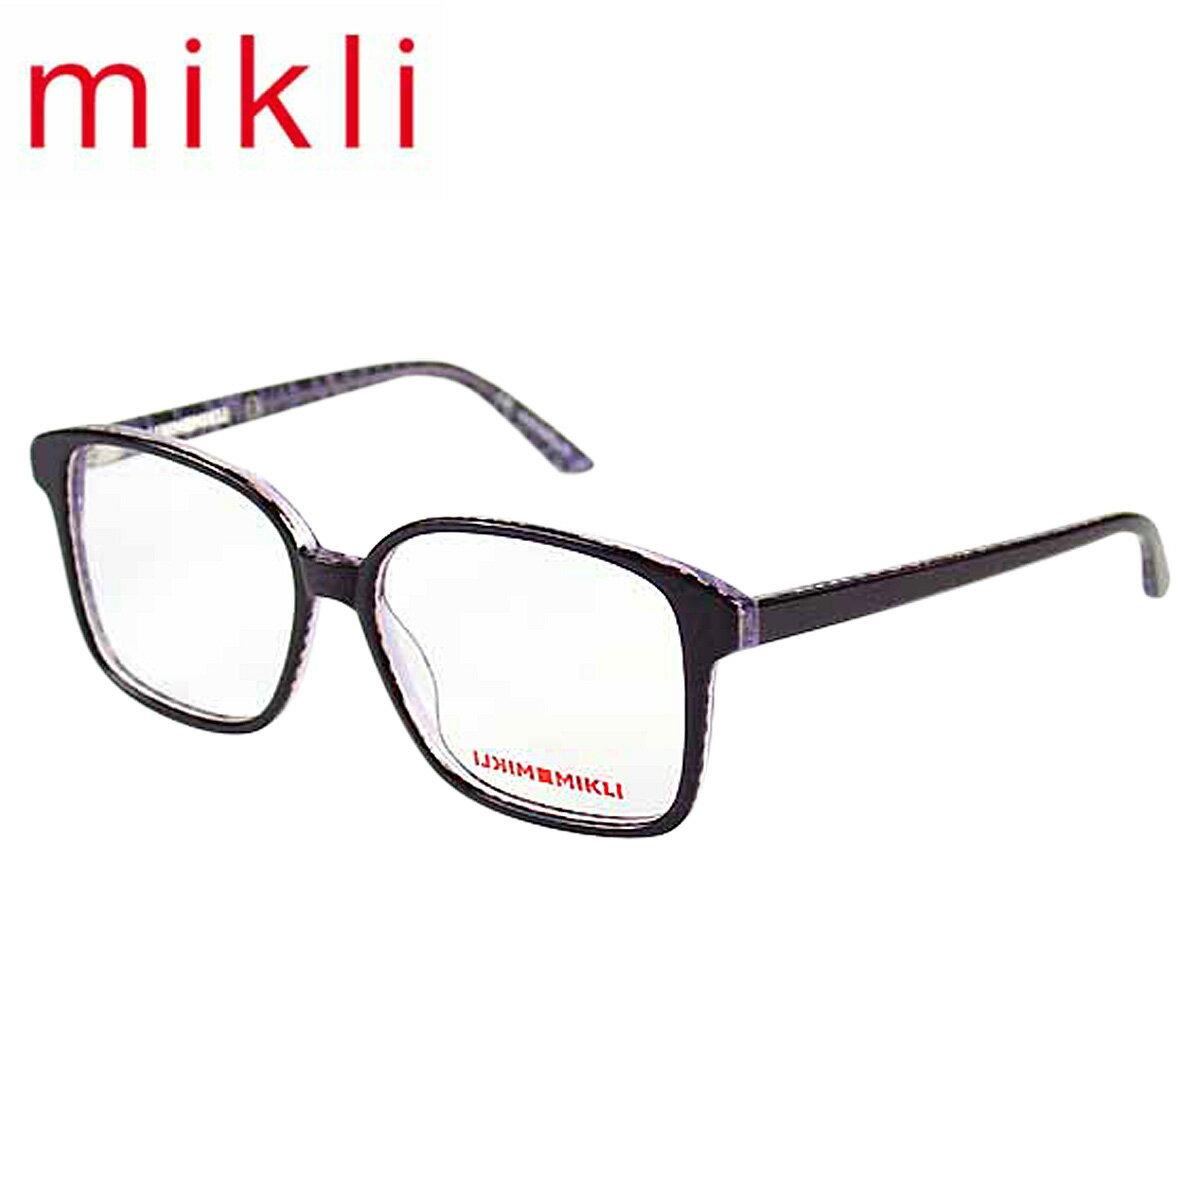 alain mikli アランミクリ メガネ 眼鏡 パープル ML1310 C002 セルフレーム アランミクリ サングラス メンズ レディース